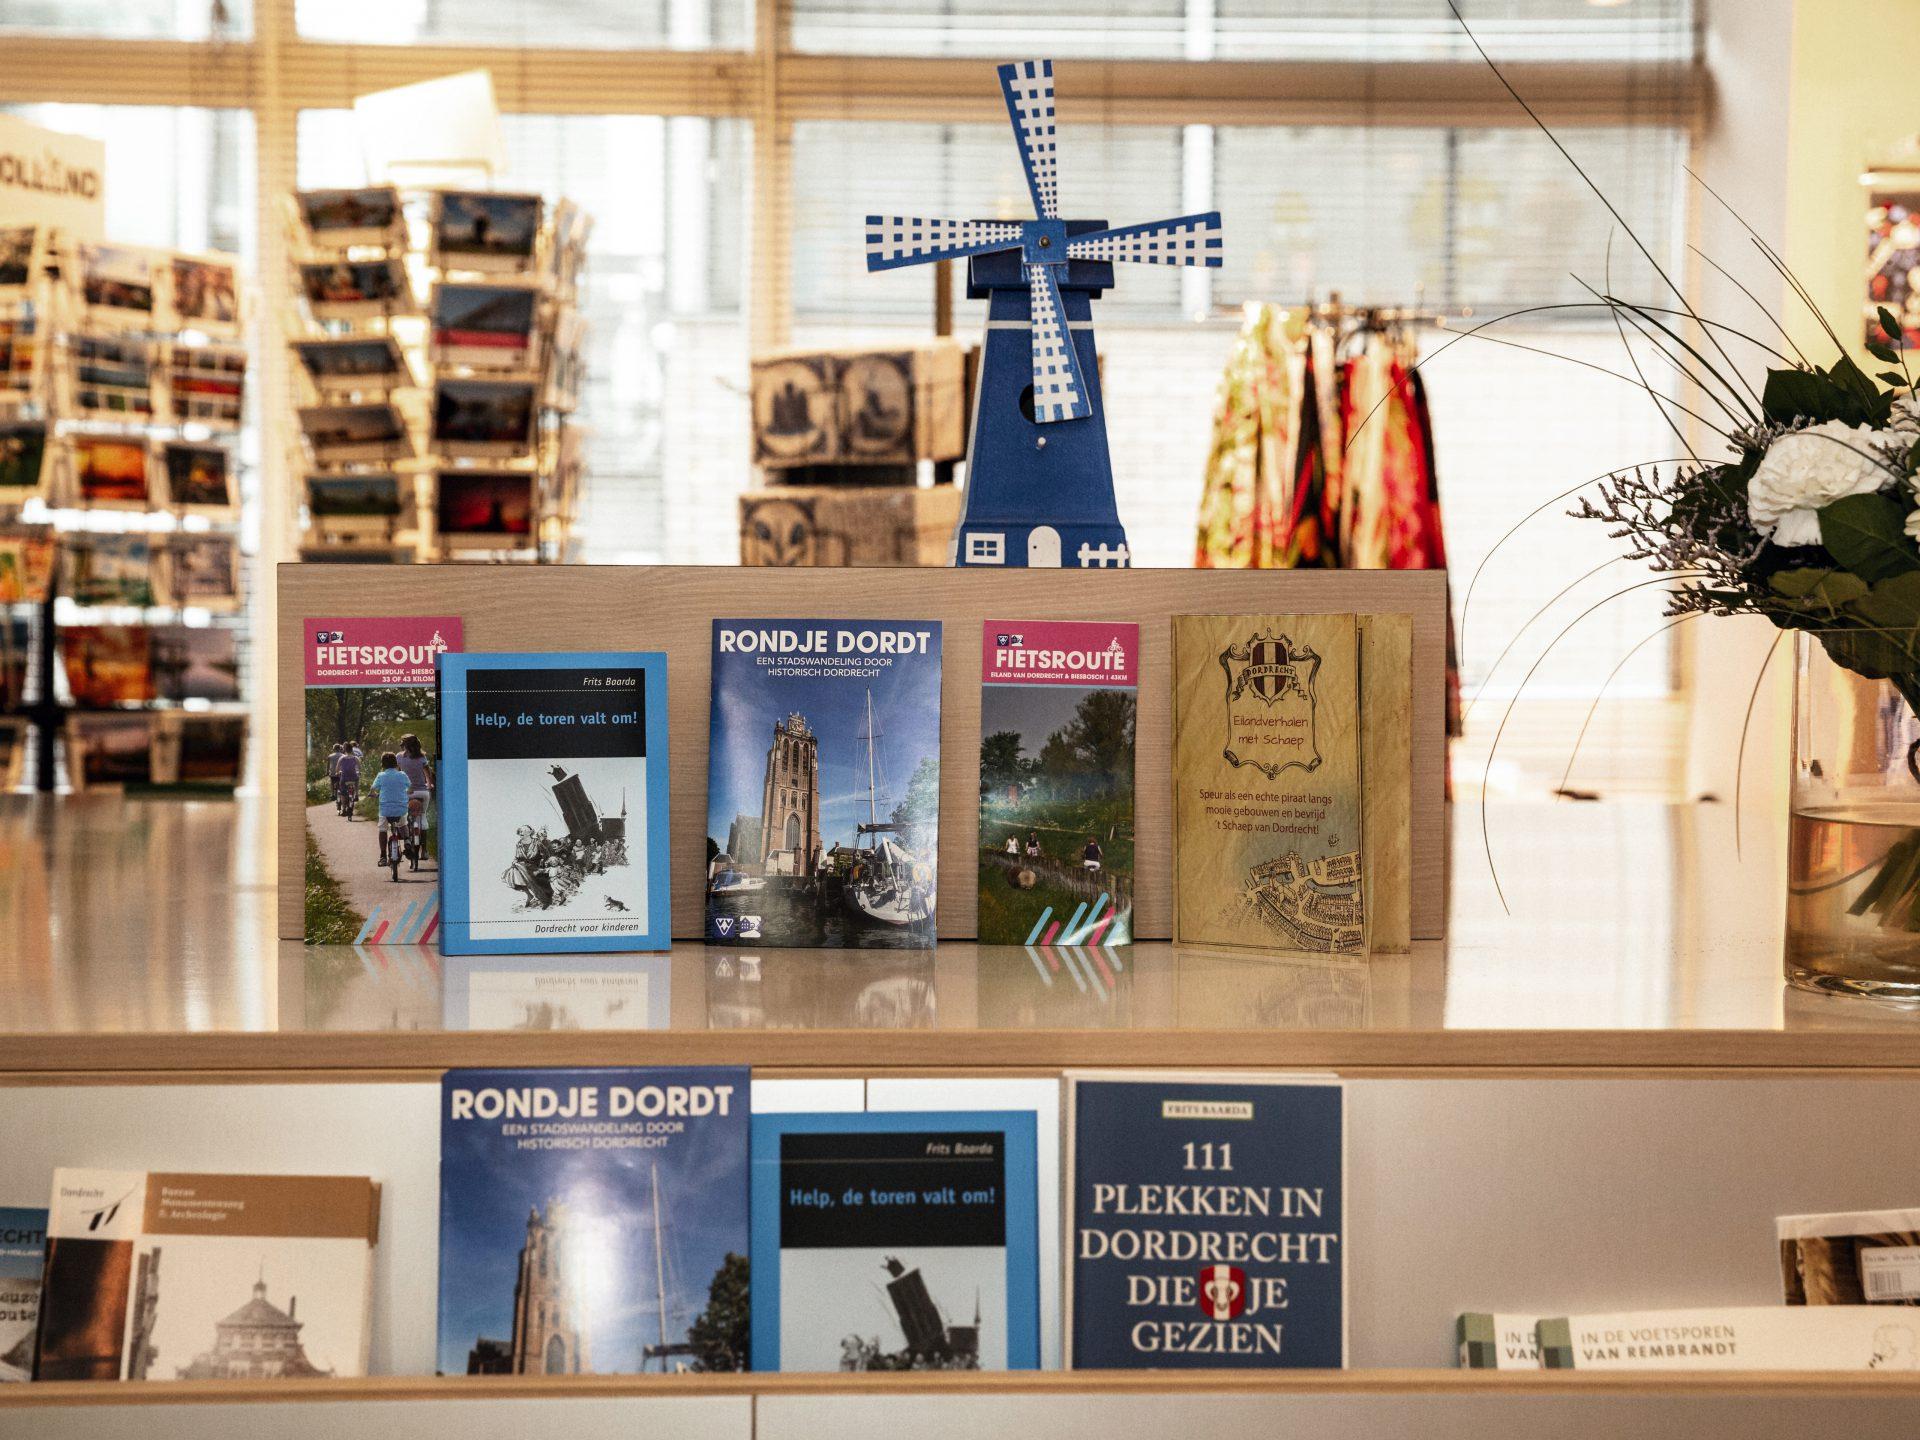 VVV informatie - souvenirs -wandelroutes - brochures